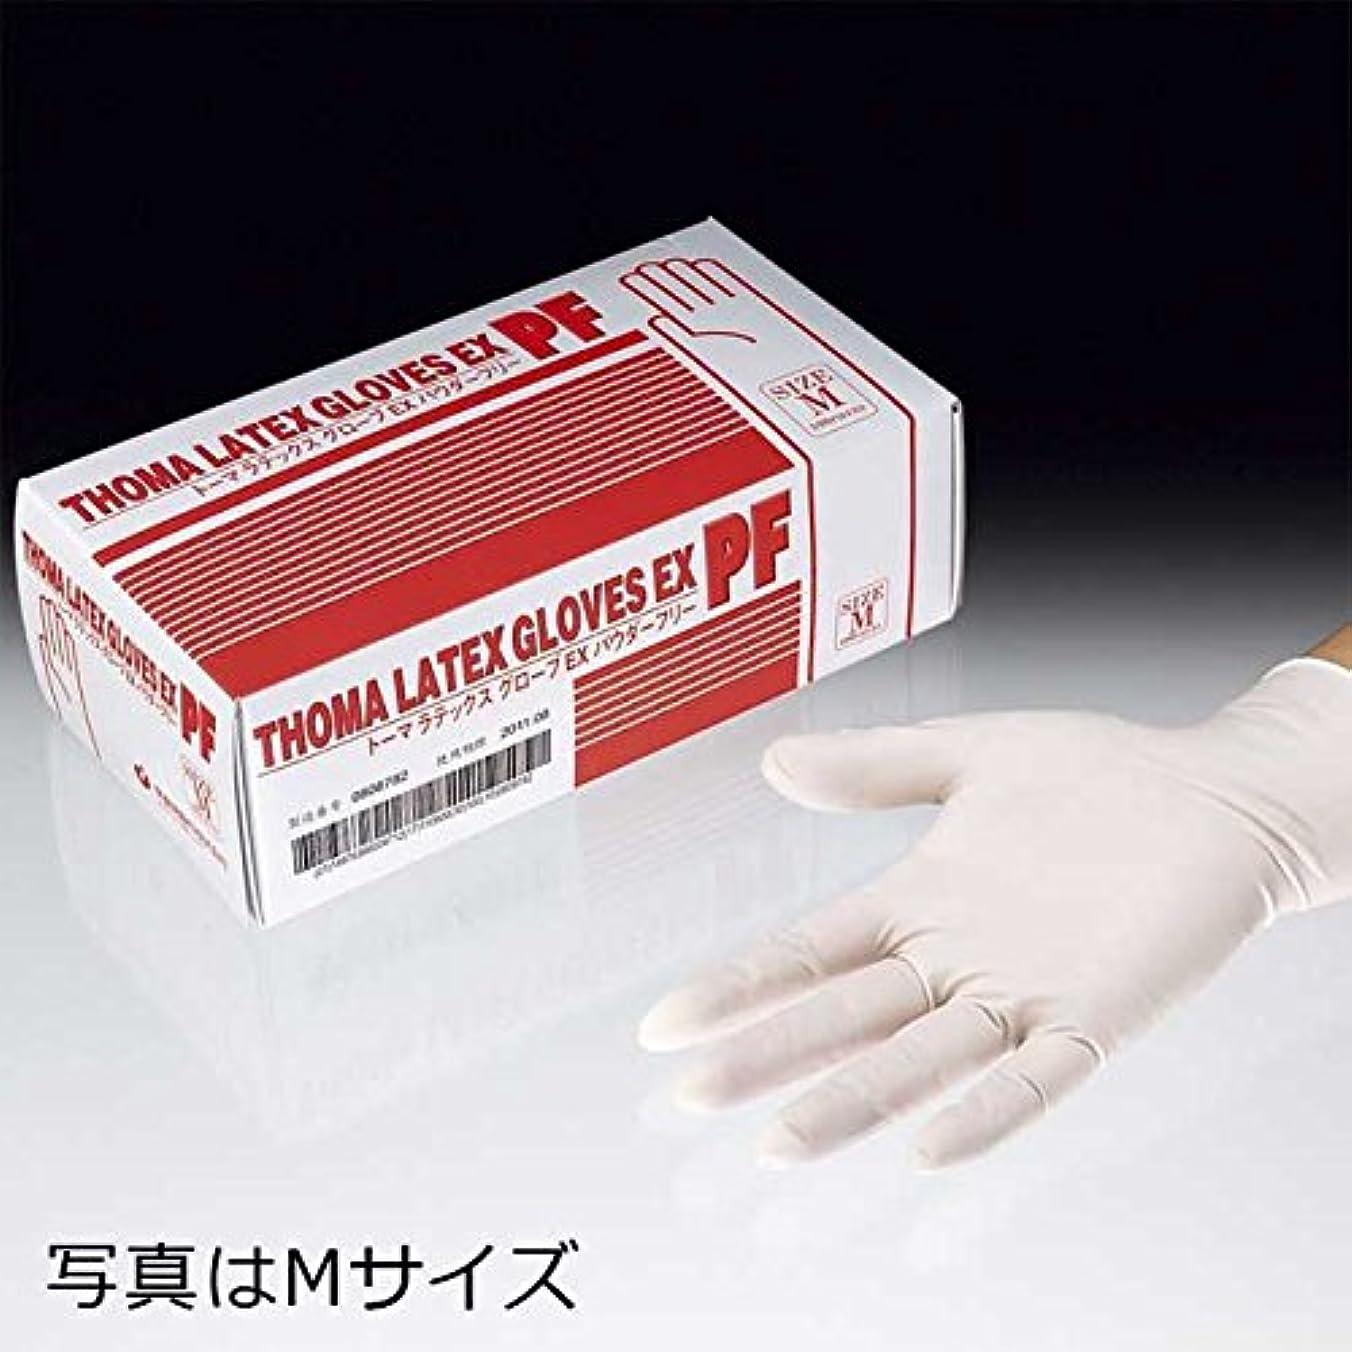 良心的集団的何でもトーマラテックス手袋EX PF 天然ゴム 使い捨て手袋 粉なし2000枚 (100枚入り20箱) (SS)